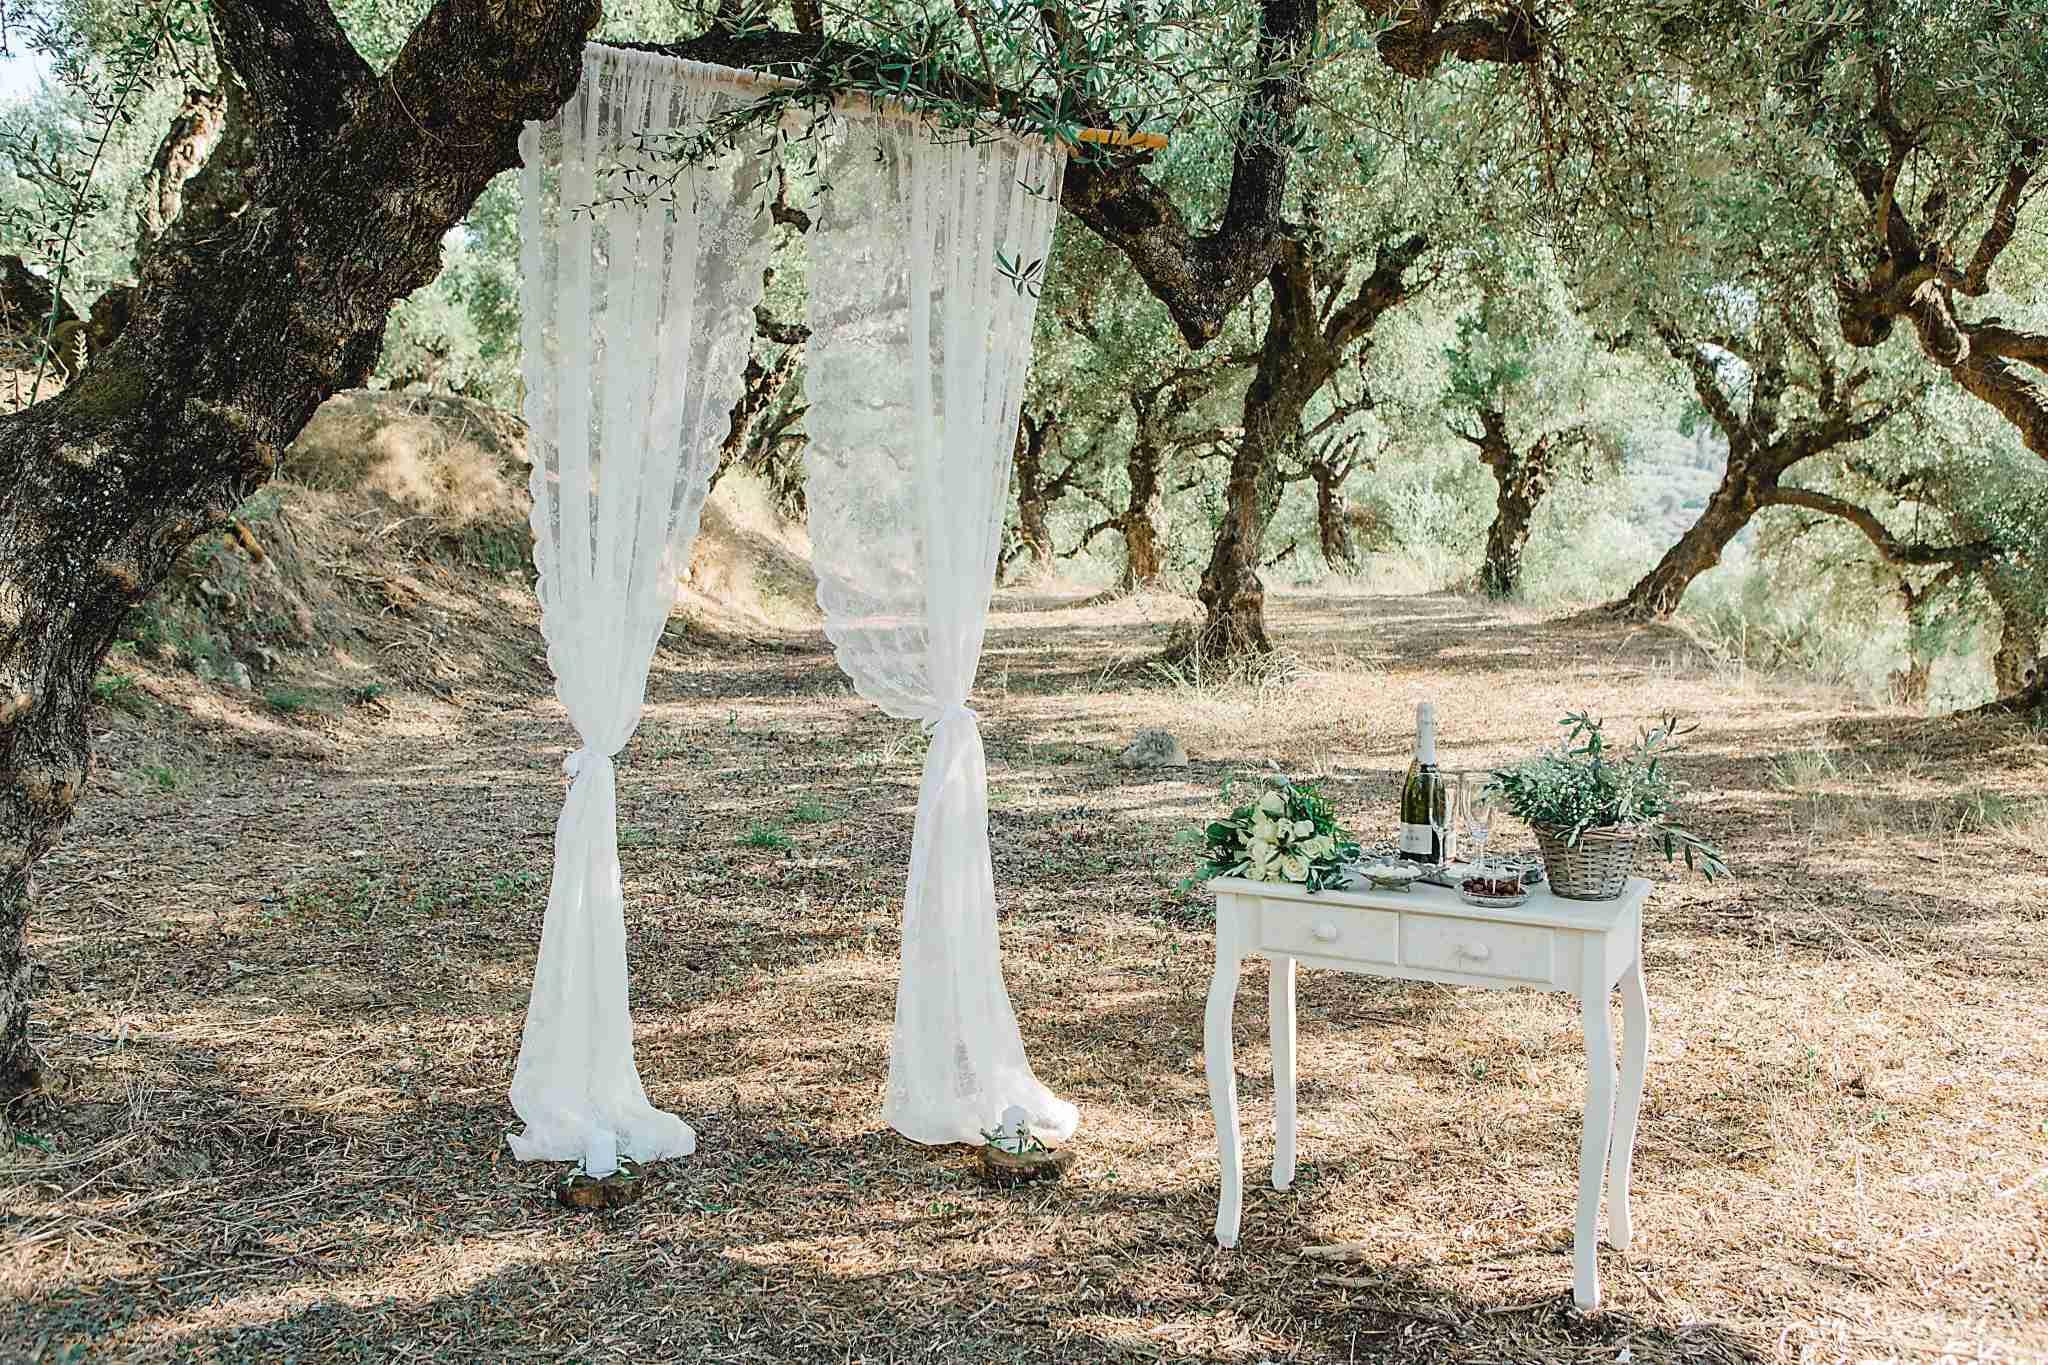 Svatba v Řecku už je sama o sobě netradiční, svatba v olivovém háji je ale teprve něco neobvyklého!